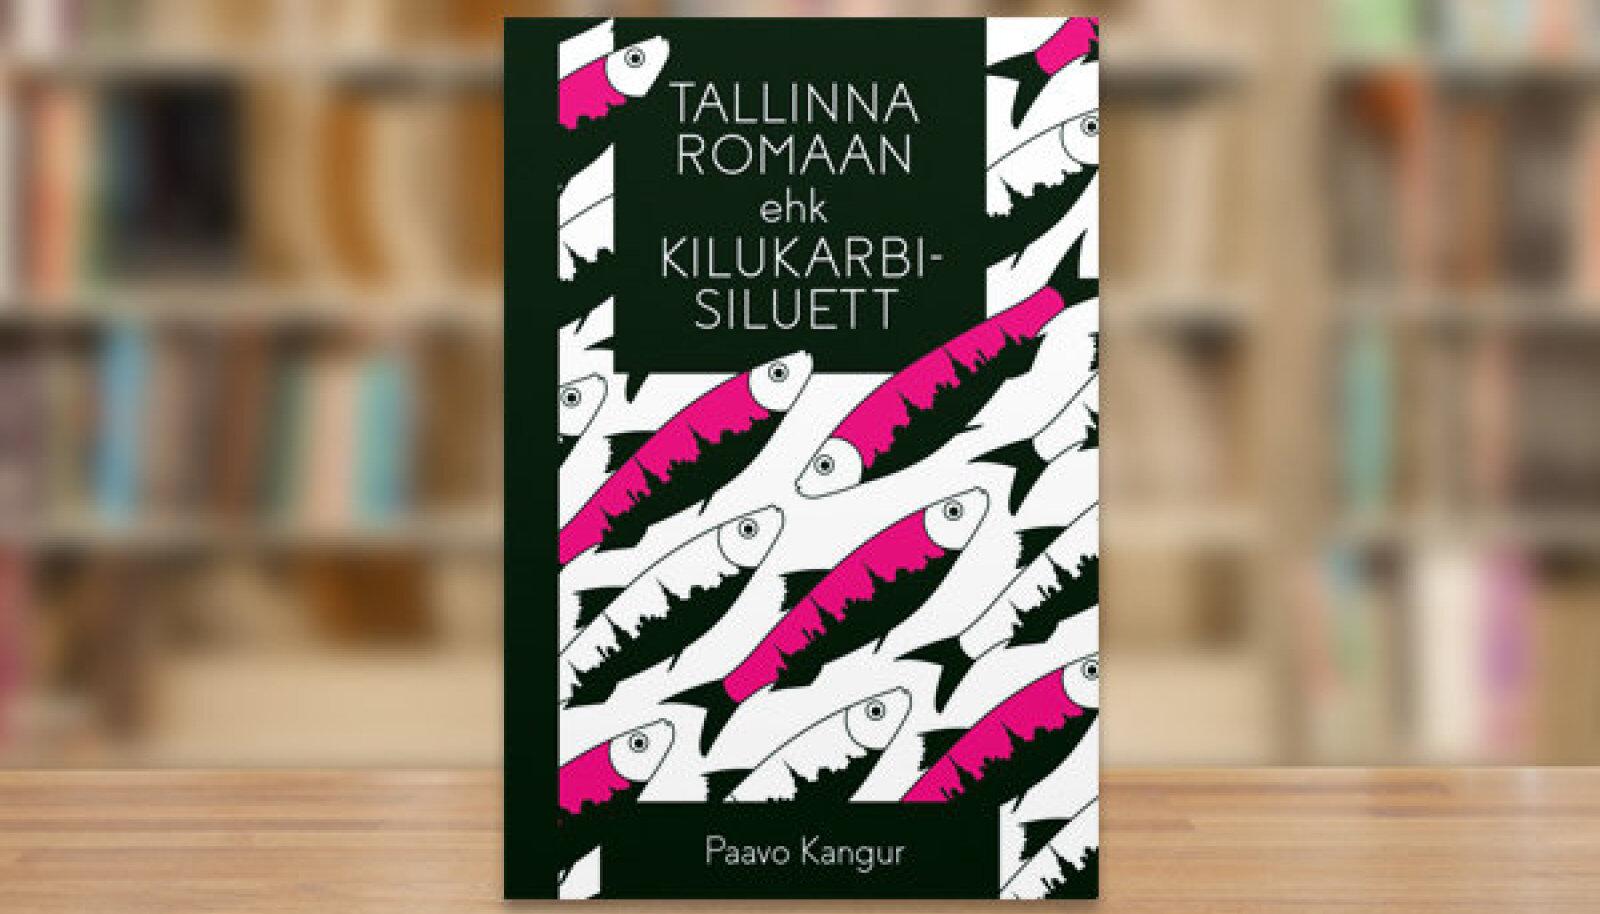 Tallinna romaan